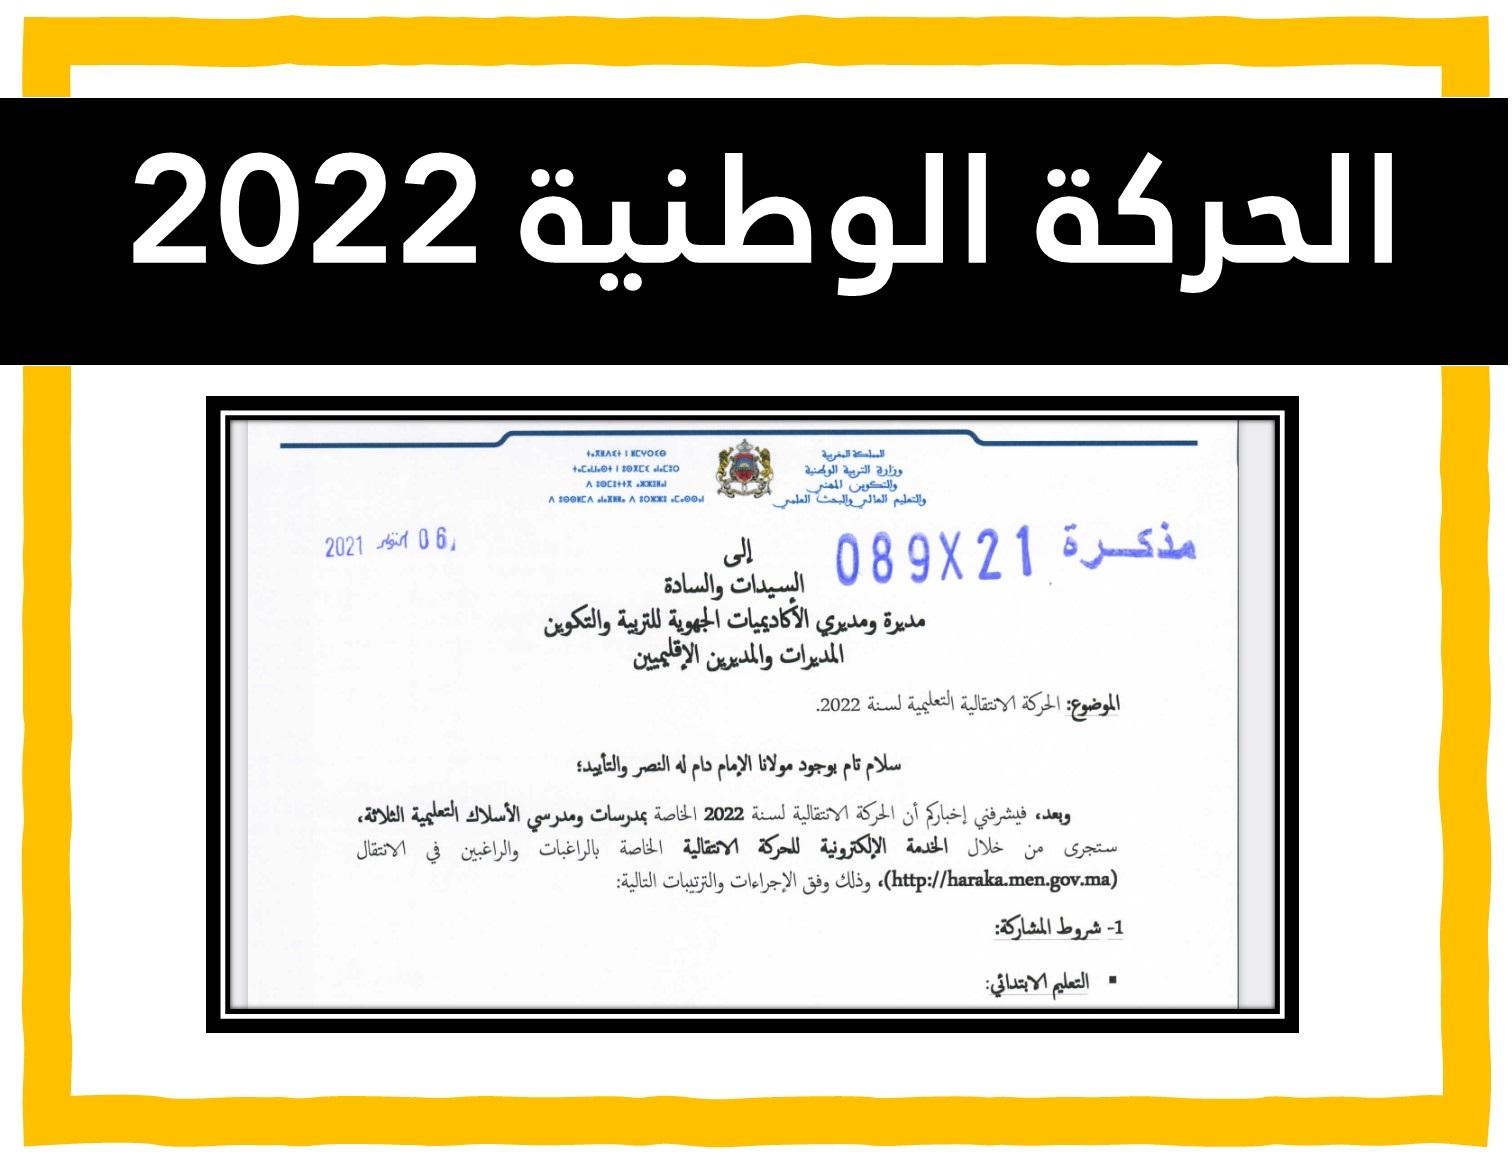 عاجل : صدور مذكرة الحركة الانتقالية 2022